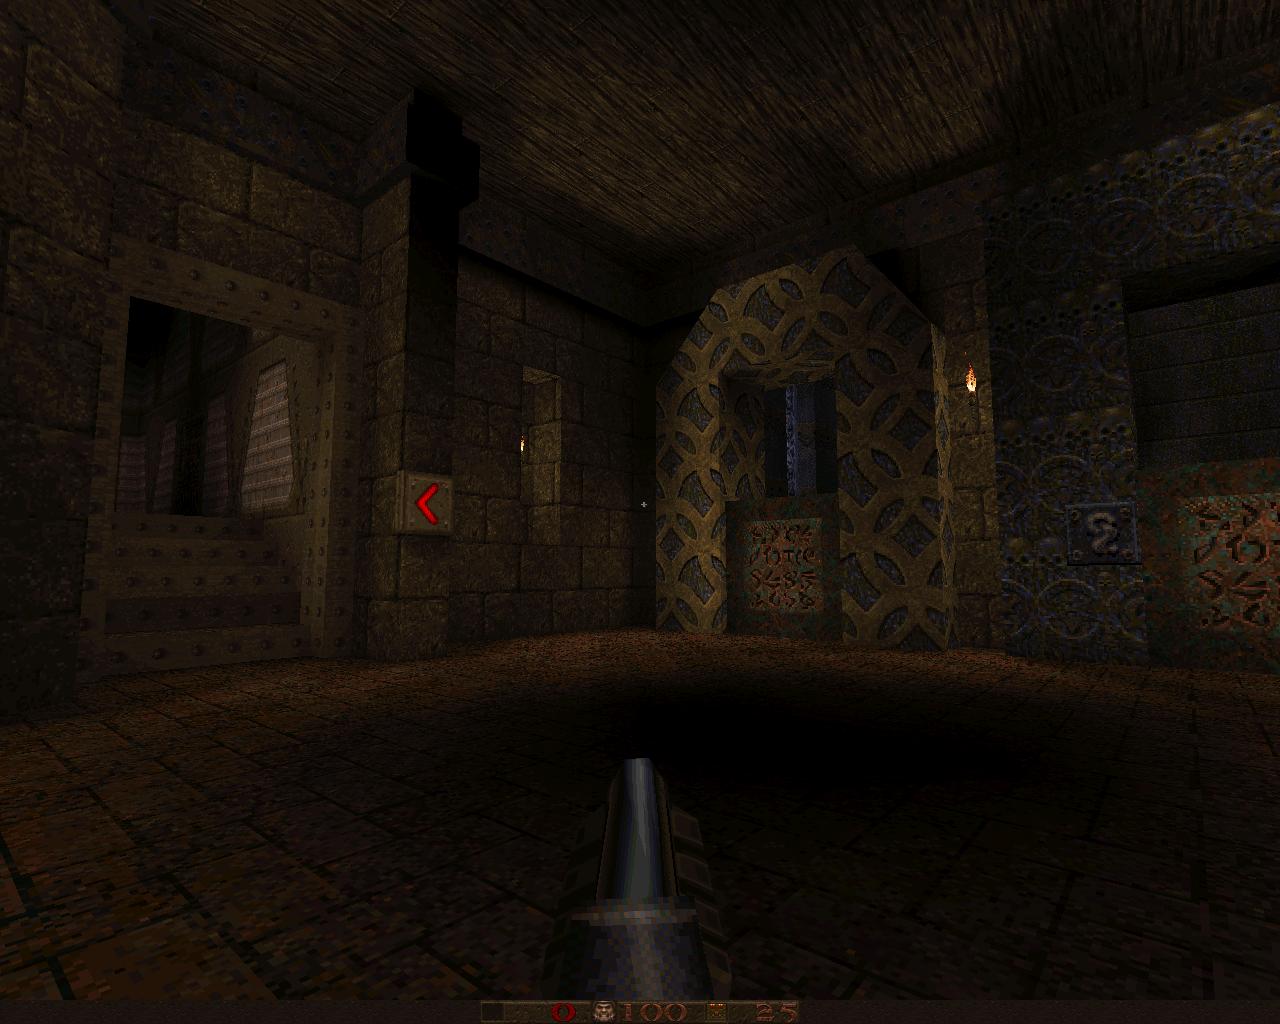 Я прошёл все эпизоды, но первый почему-то разблокирован и к Шуб-Ниггурат не пускают - Quake Баг